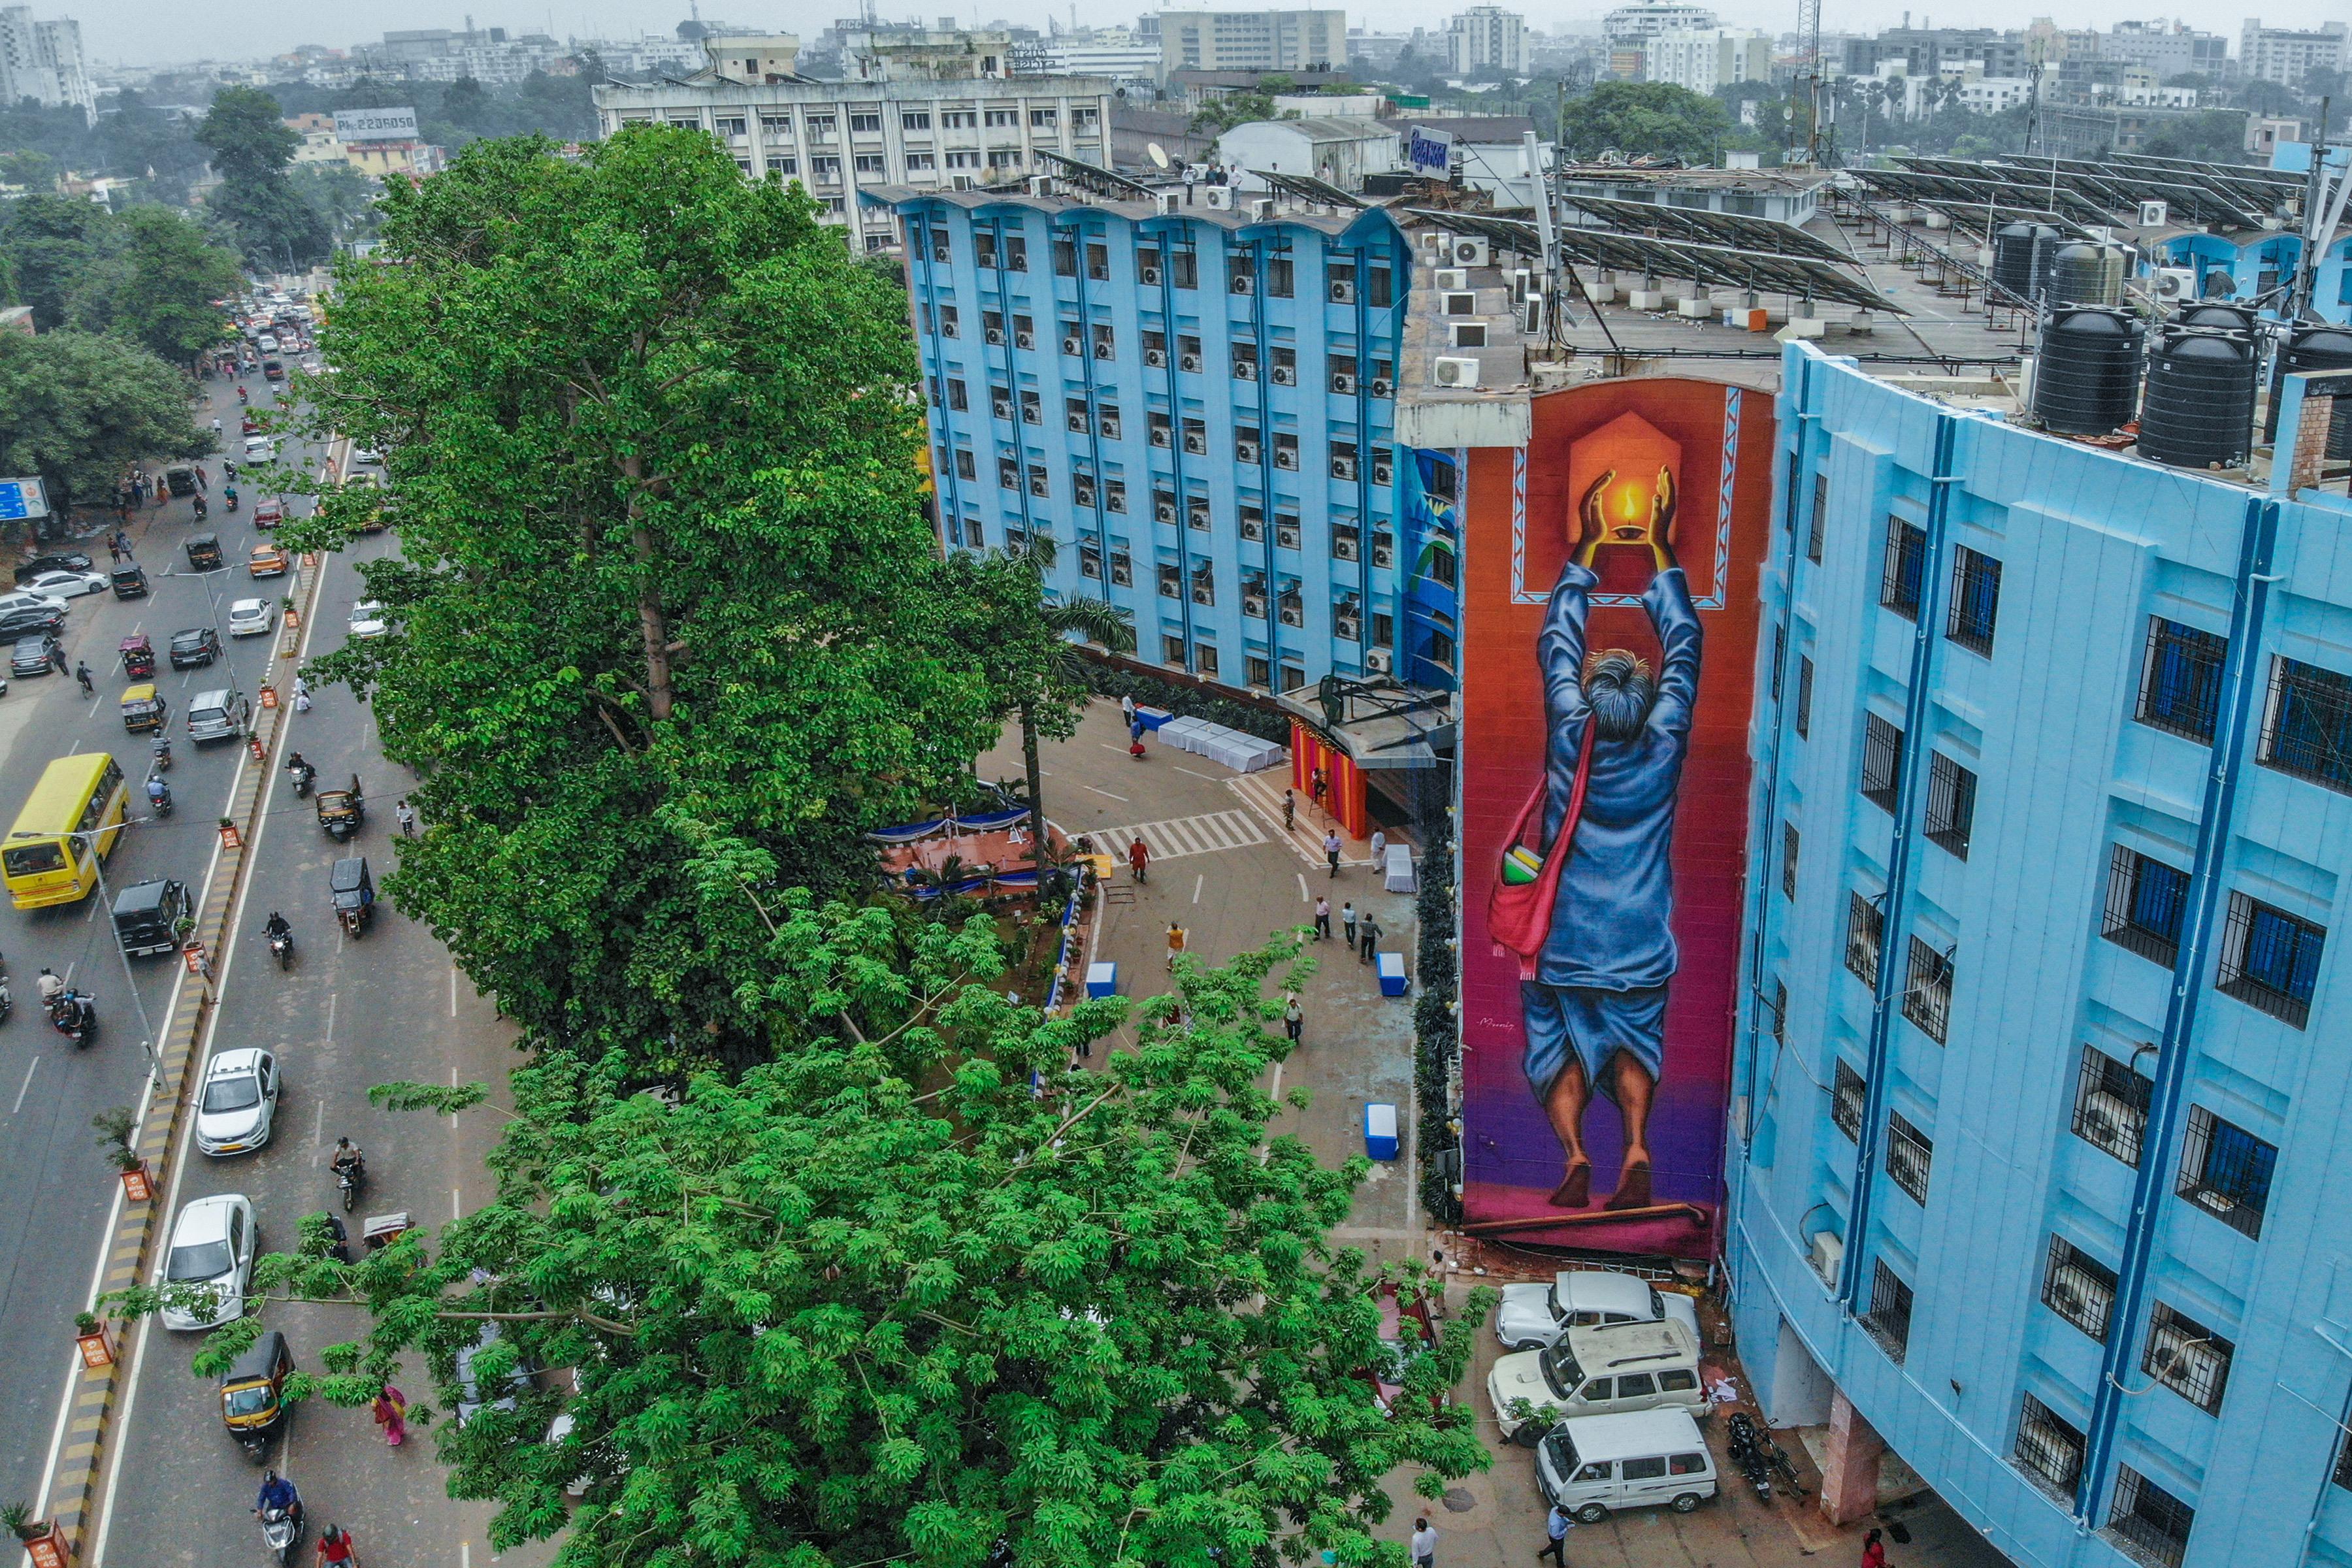 Munir Reveals Wall 3 St Art Patna 2019 Pranav Jay 14